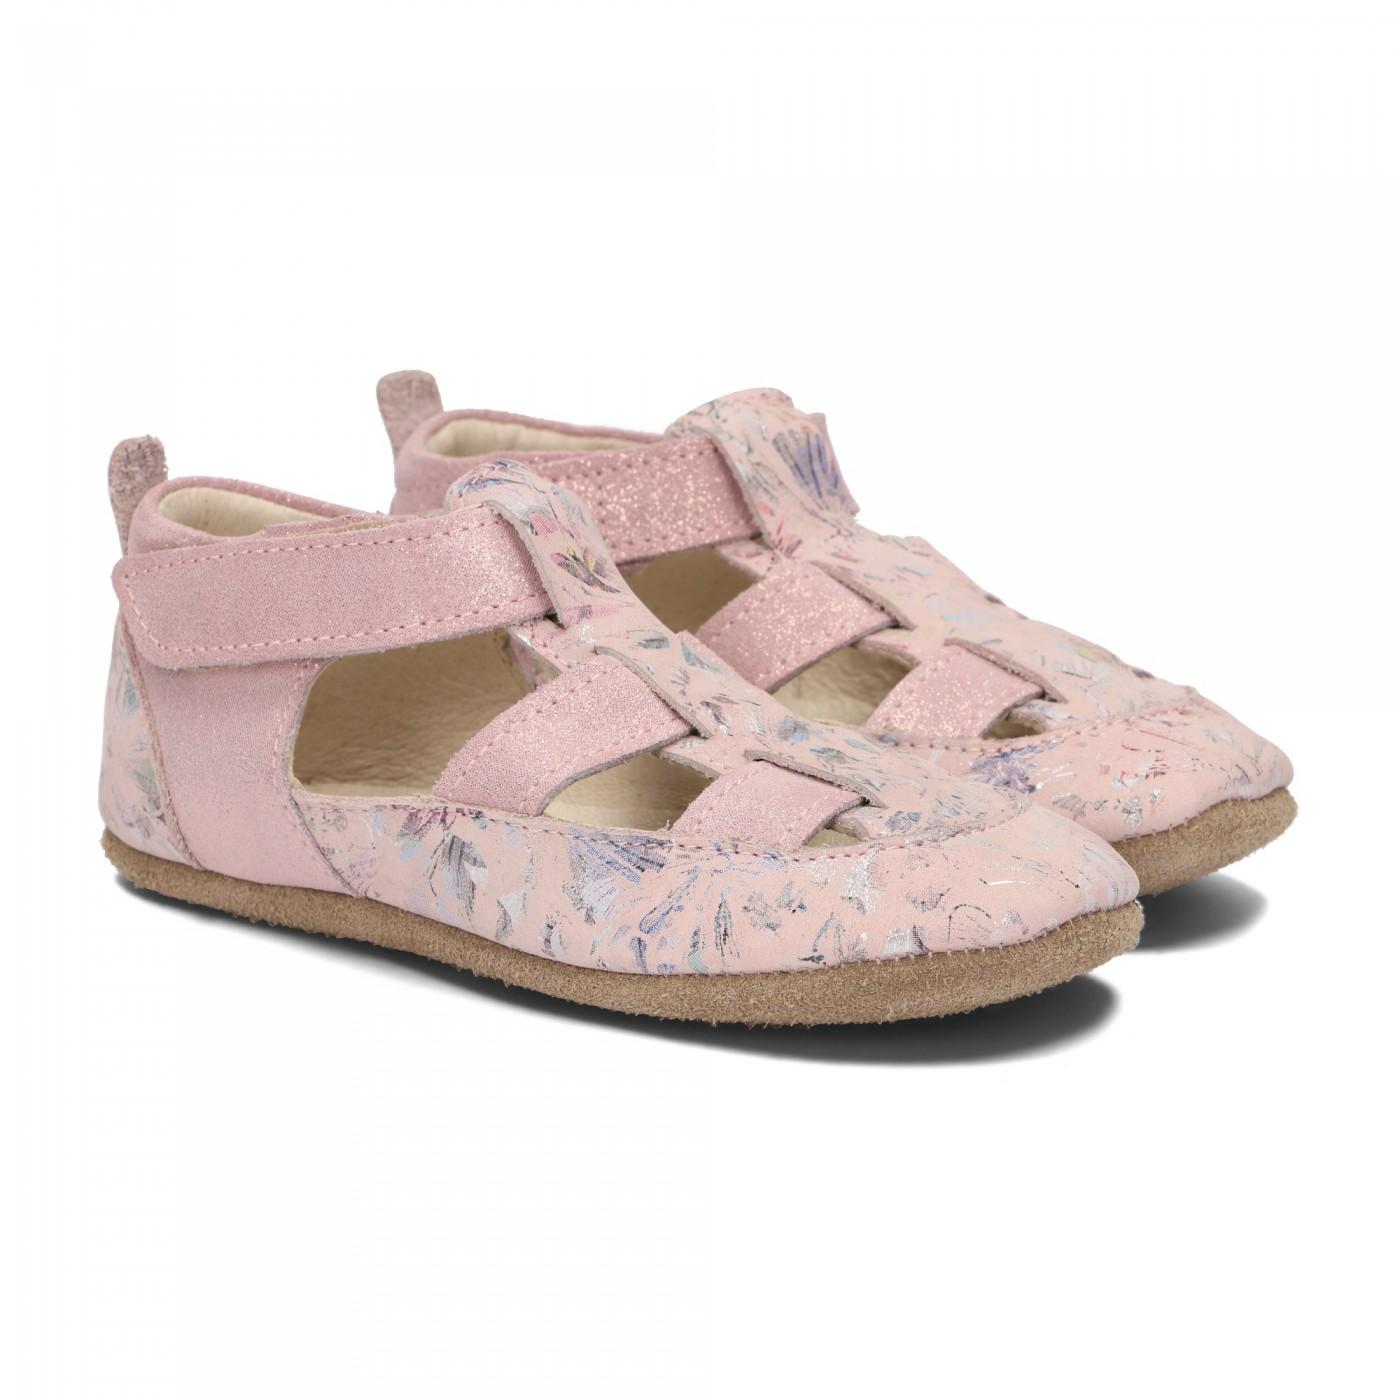 Pantofelki Barefoot w kwiaty